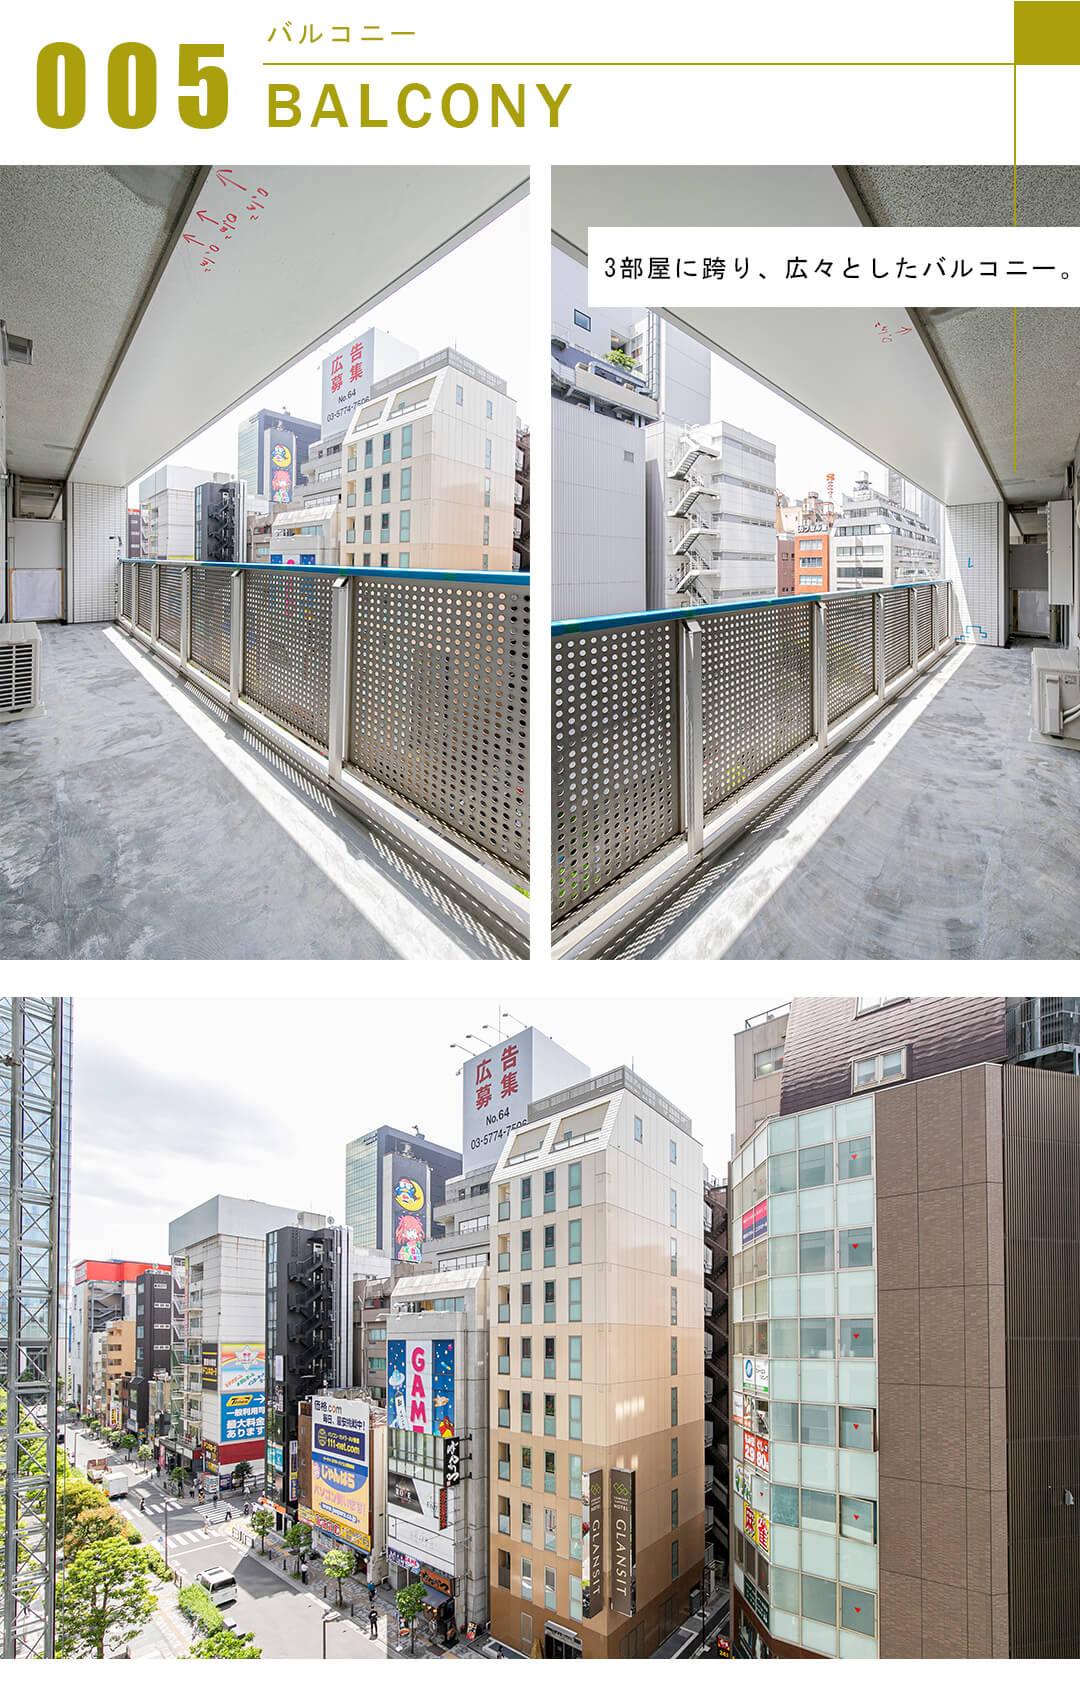 東京タイムズタワーのバルコニー